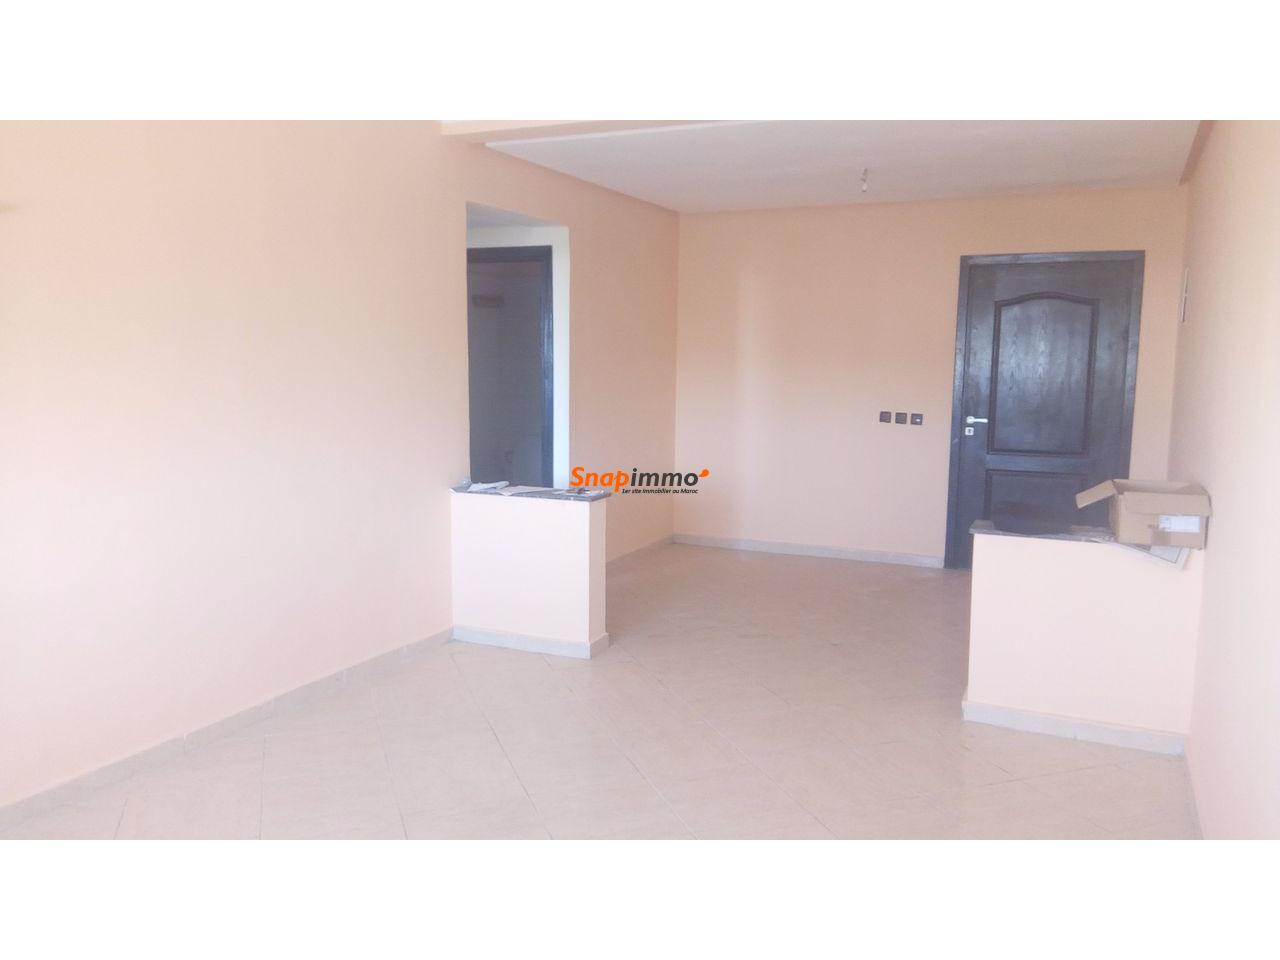 appartement confortable et spacieux a louer Casablanca 5 pièces - 1/3